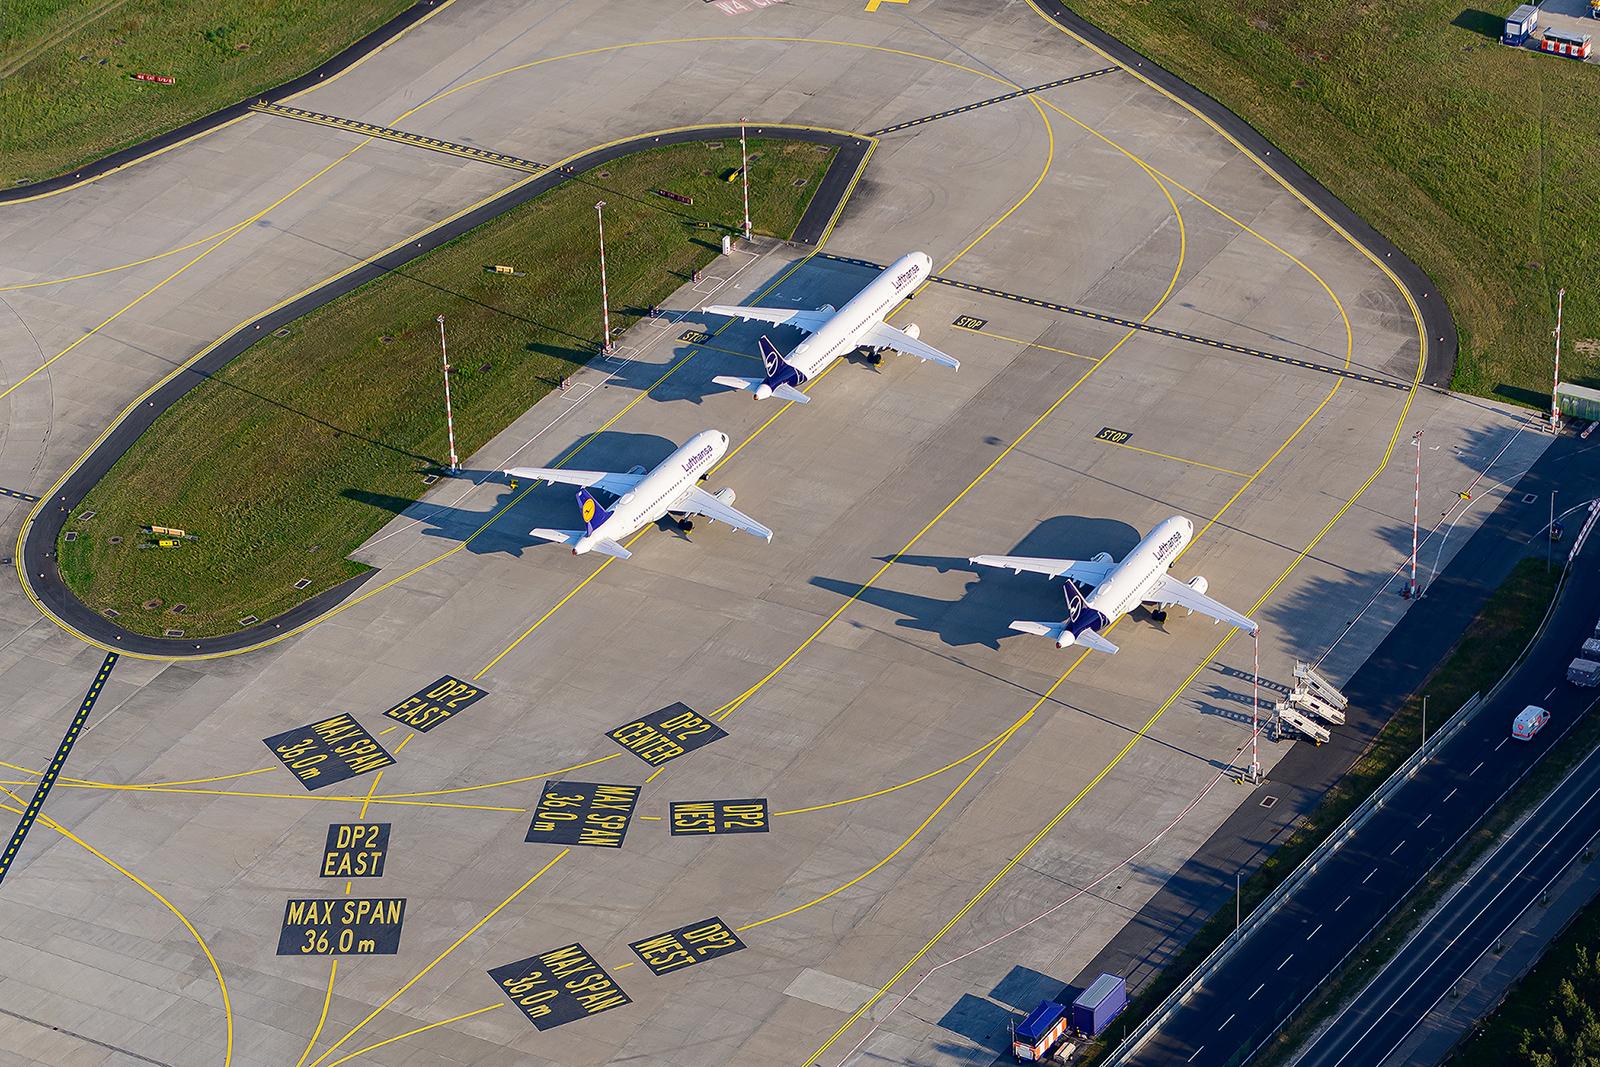 Geparkte A320 auf der eigentlichen Enteisungsplattform